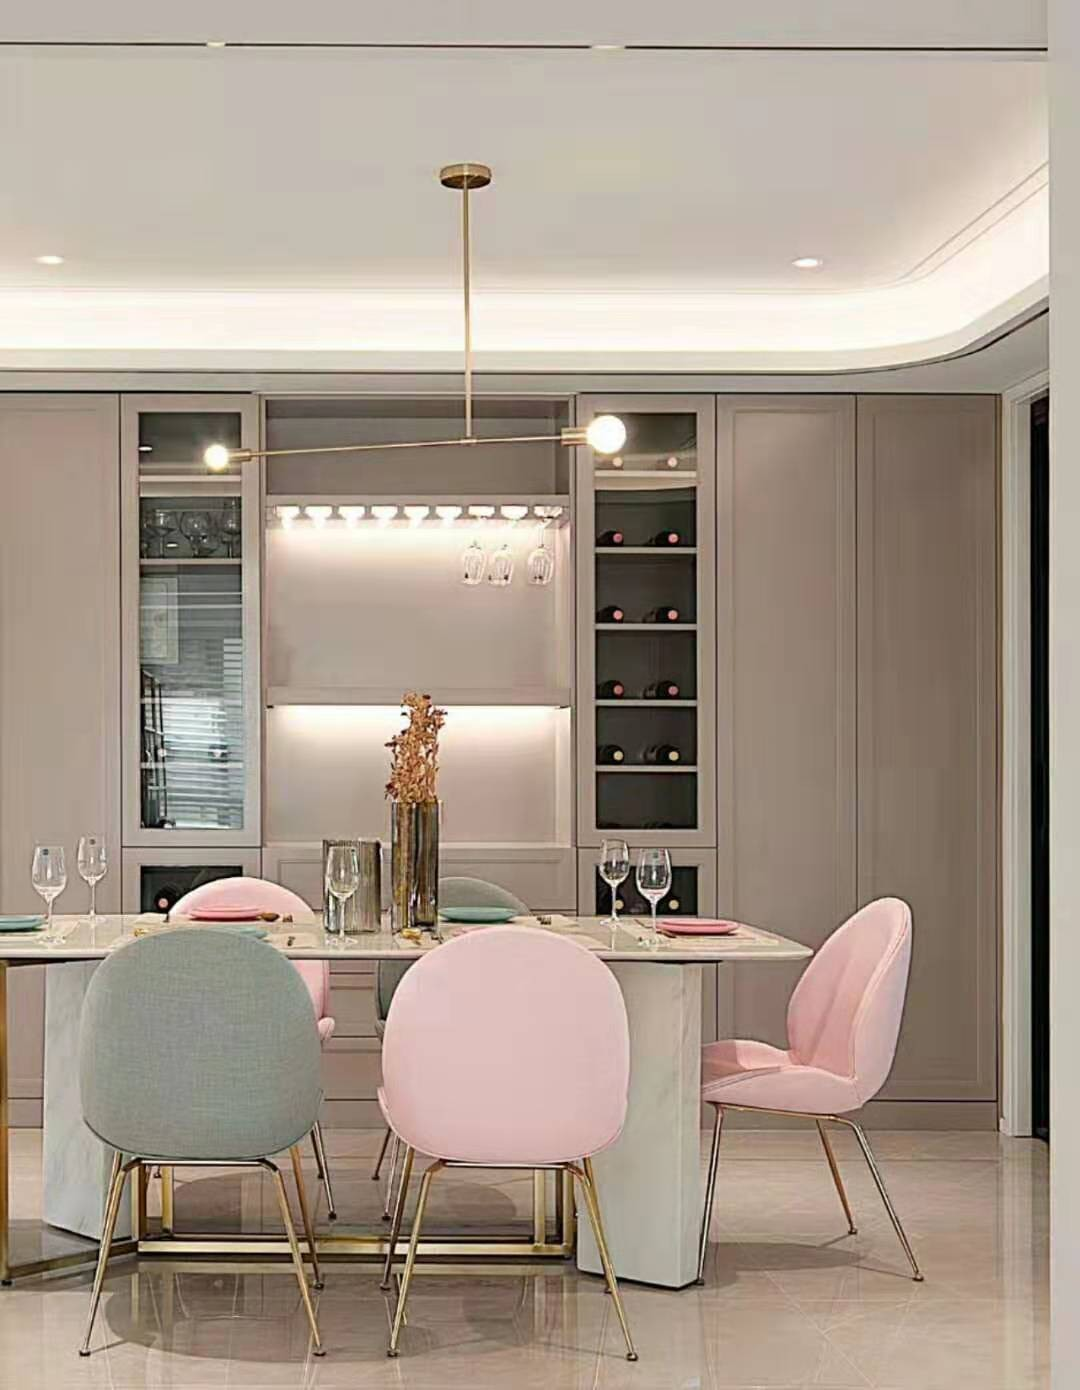 2020宜家90平米裝飾設計 2020宜家套房設計圖片